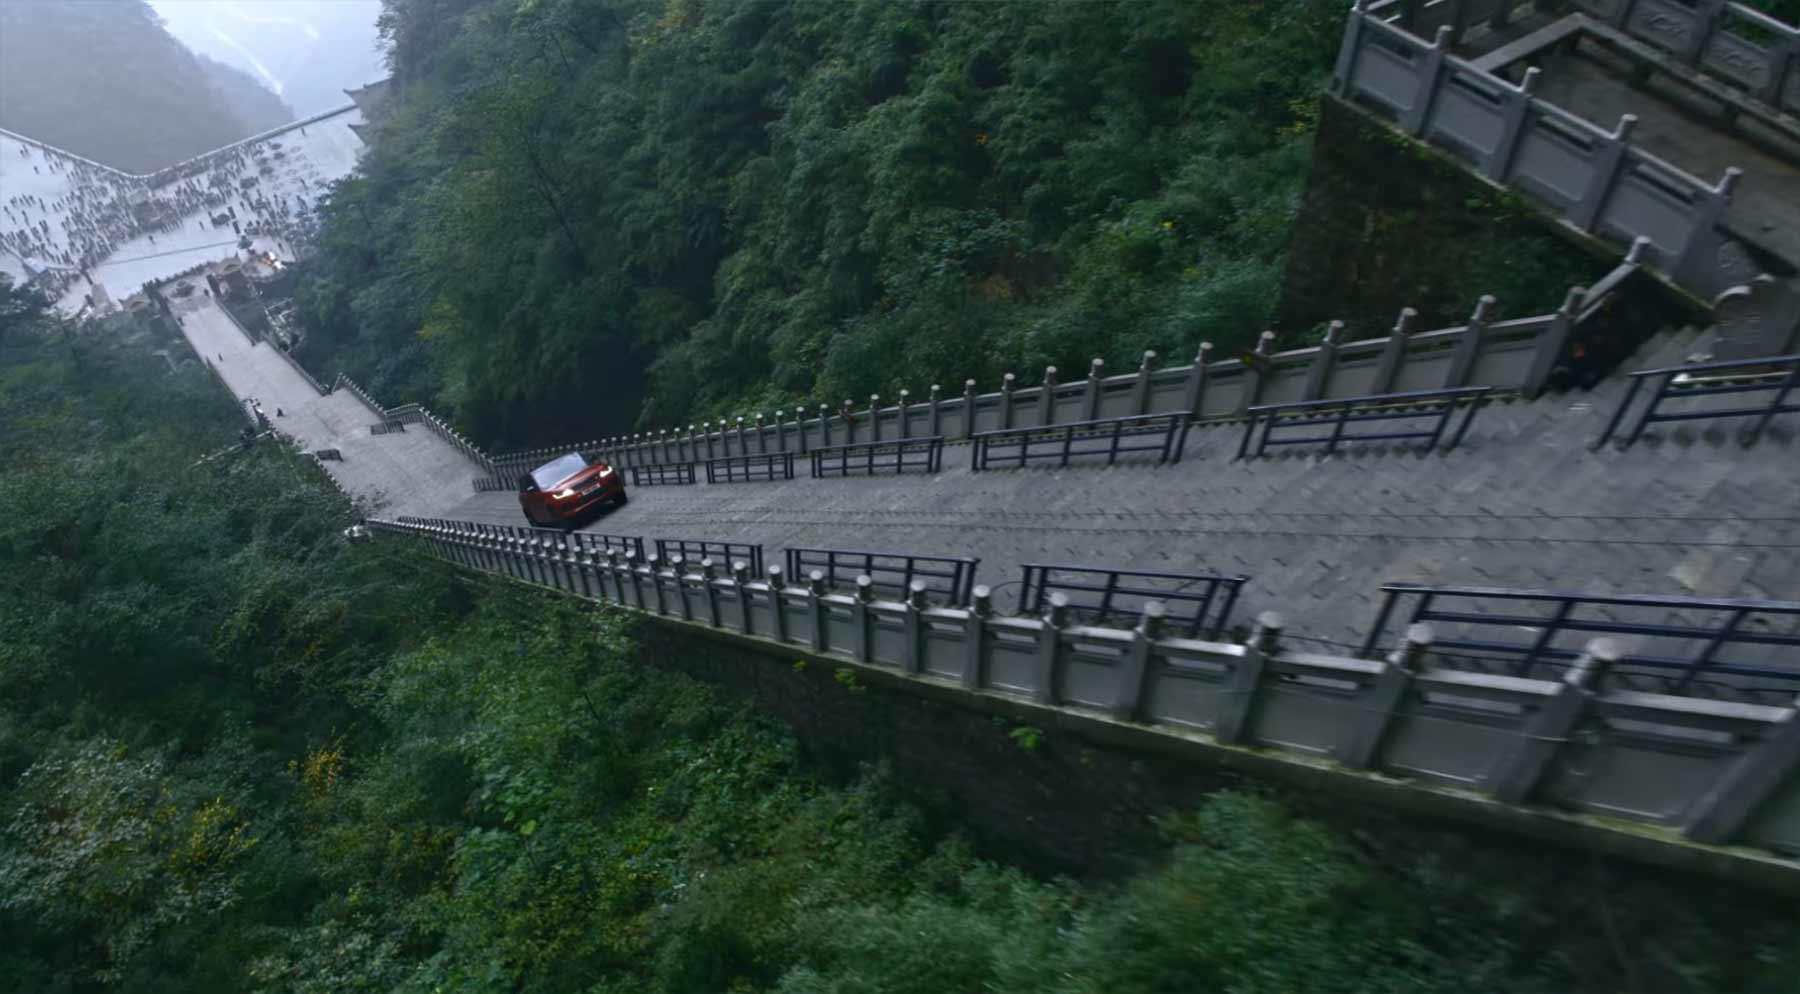 Die steile Treppe zum Heaven's Gate mit dem Auto fahren